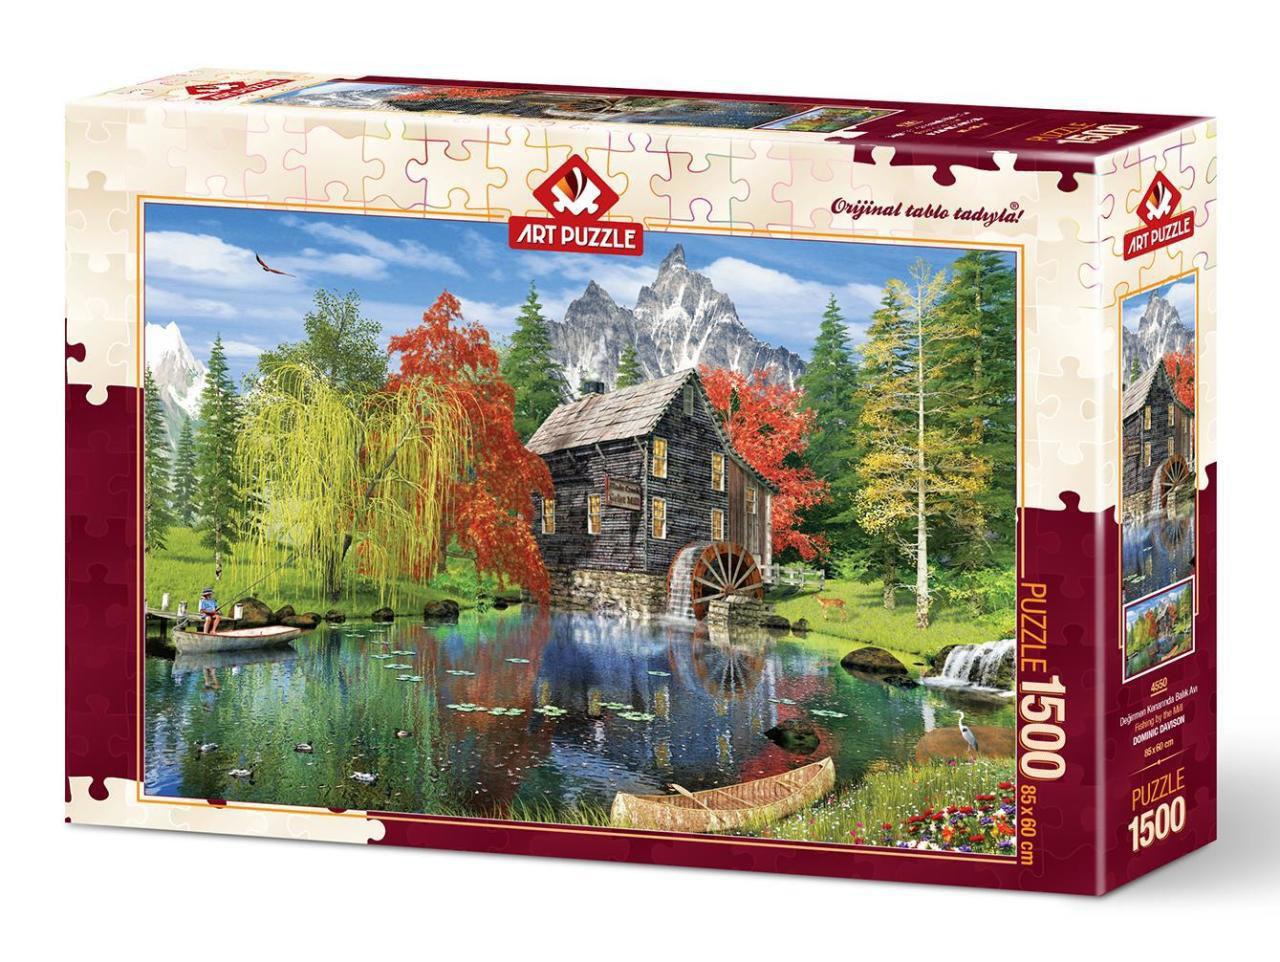 Image de ART PUZZLE Near the Mill  1500 pièces 4550